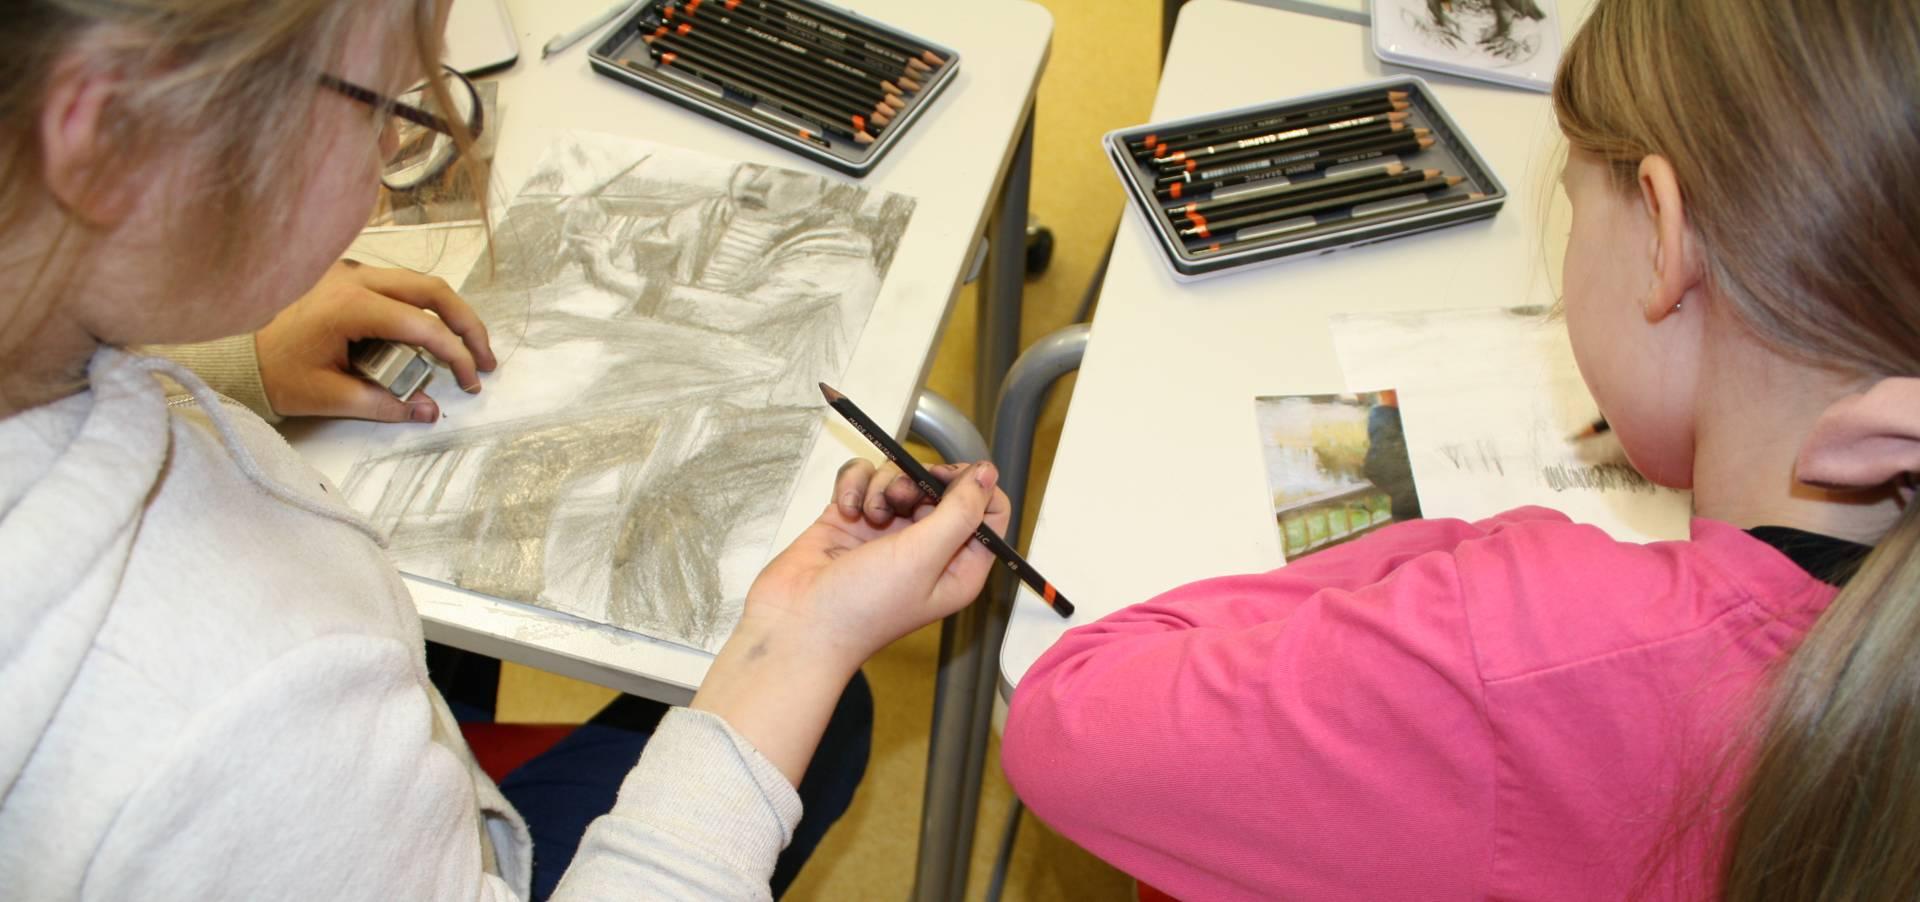 lapsia piirtämässä lyijykynällä